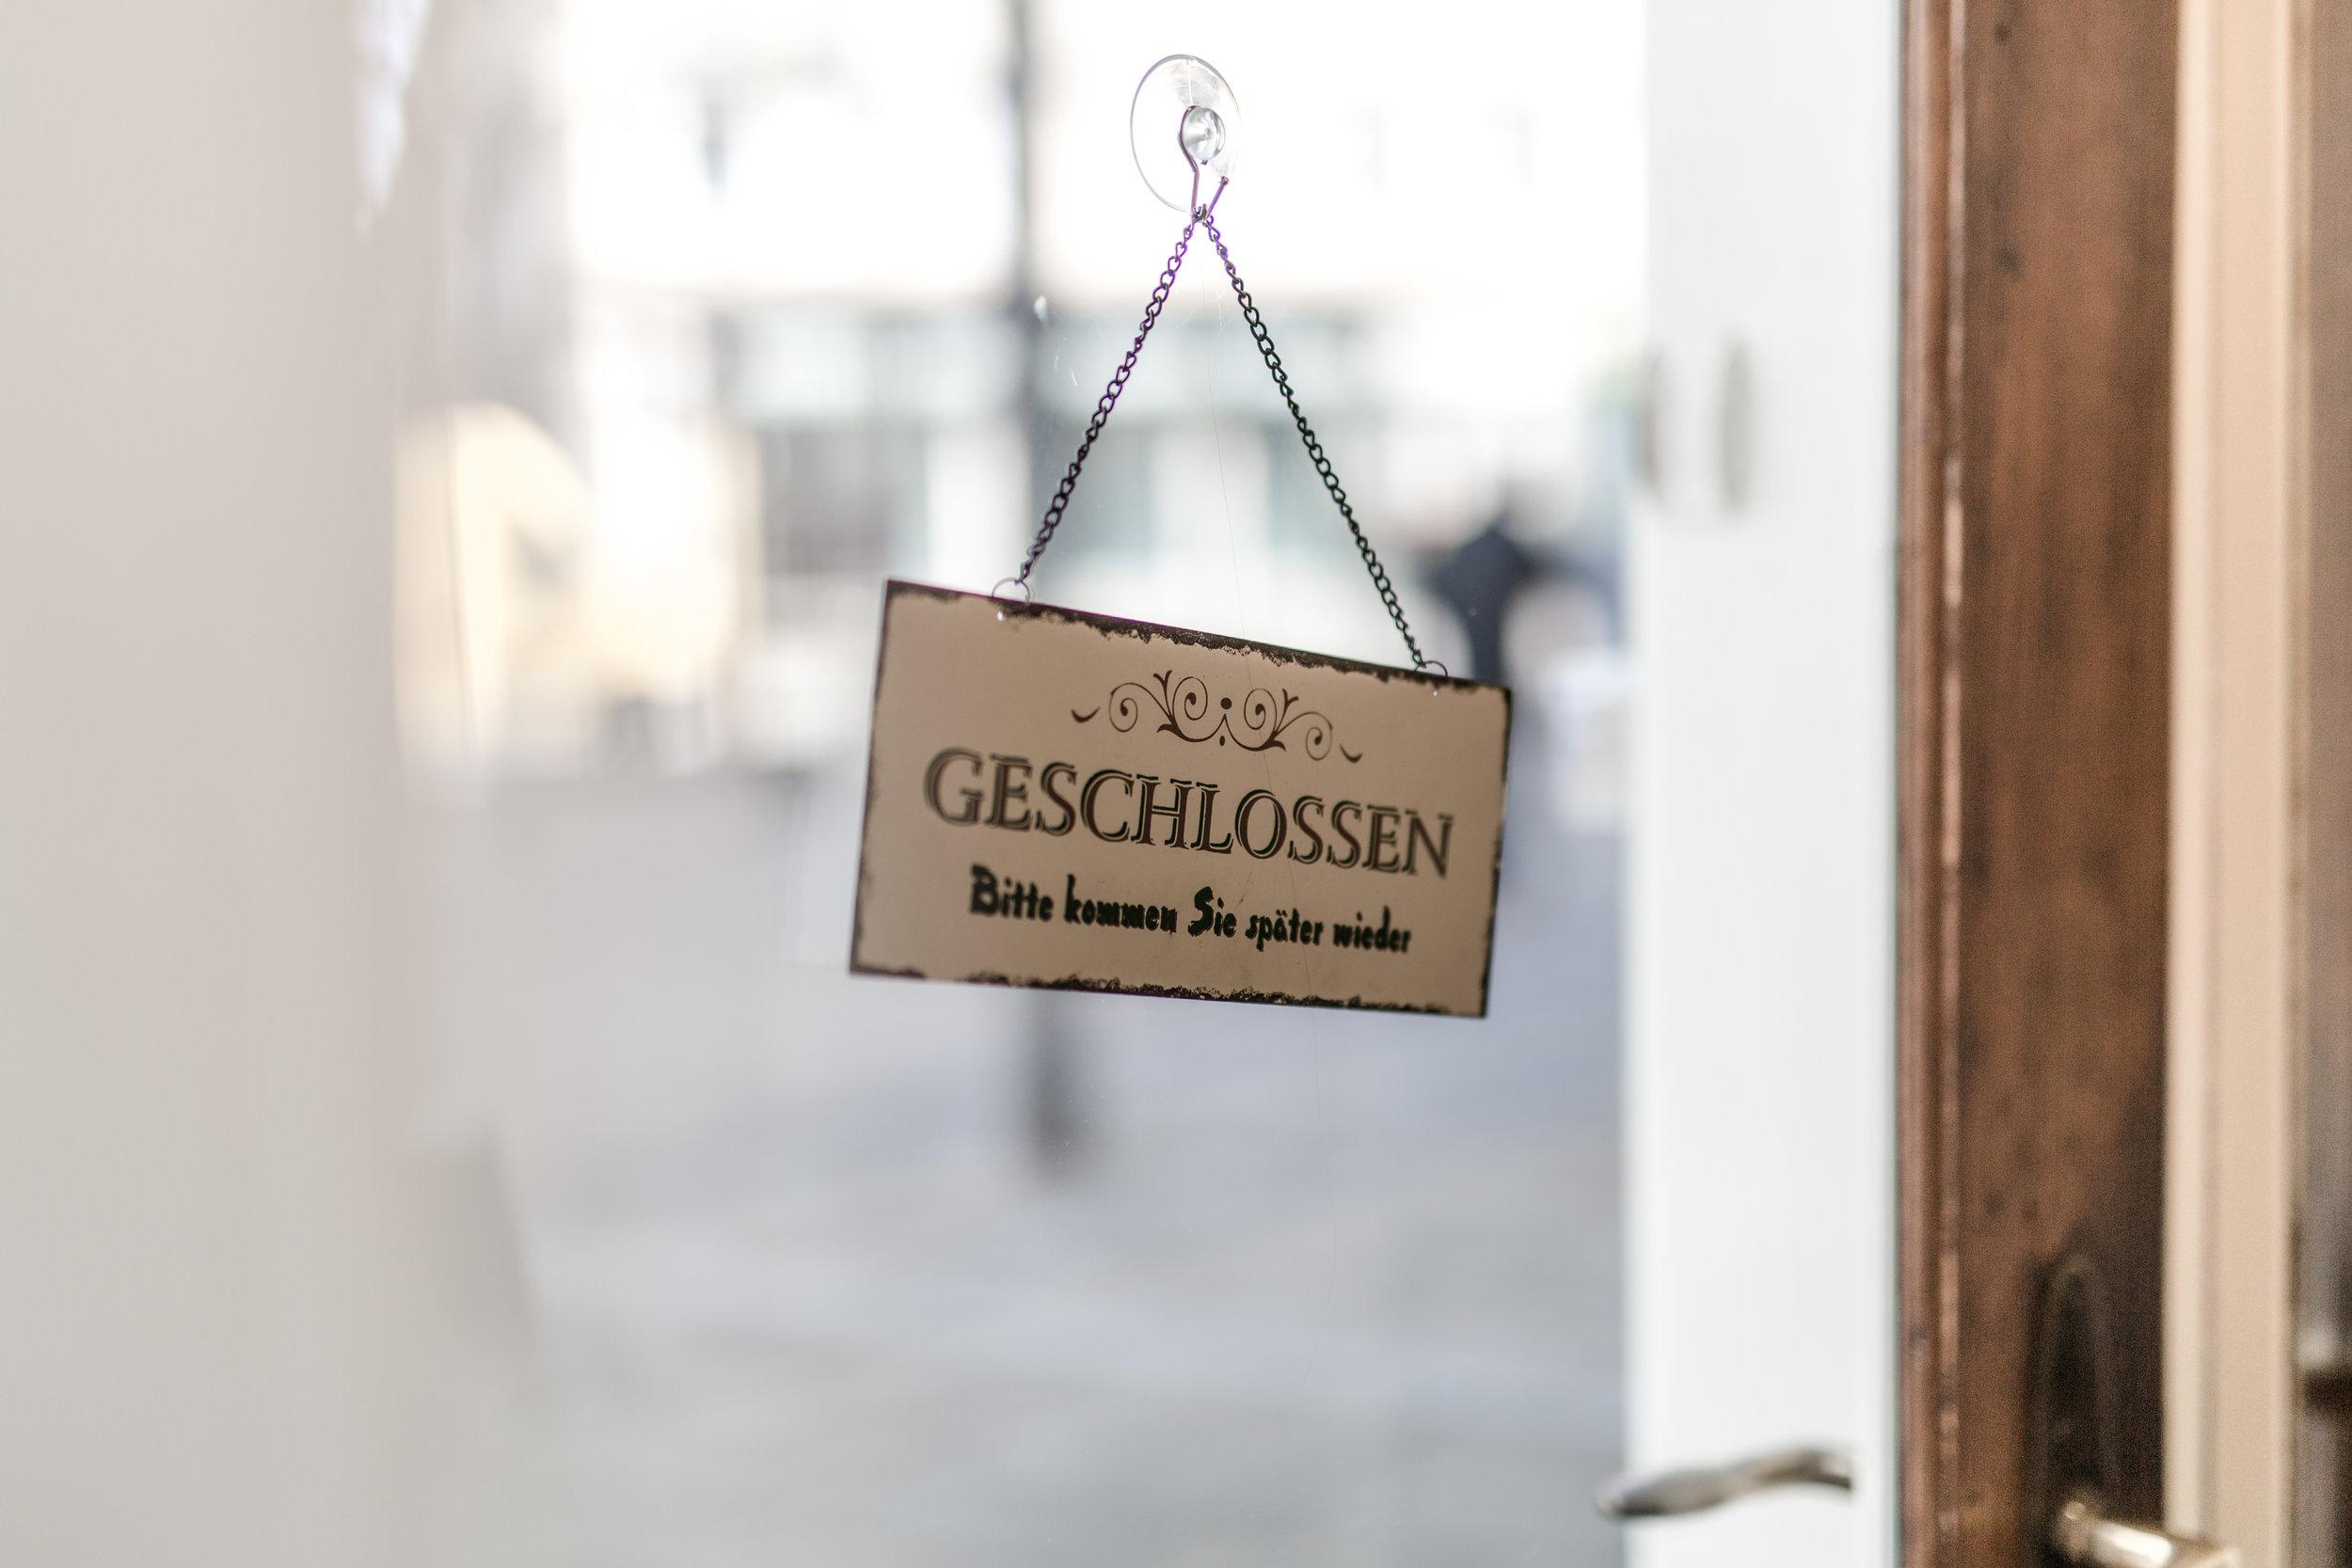 yessica-baur-fotografie-schmuck-reutlingen-4742.JPG